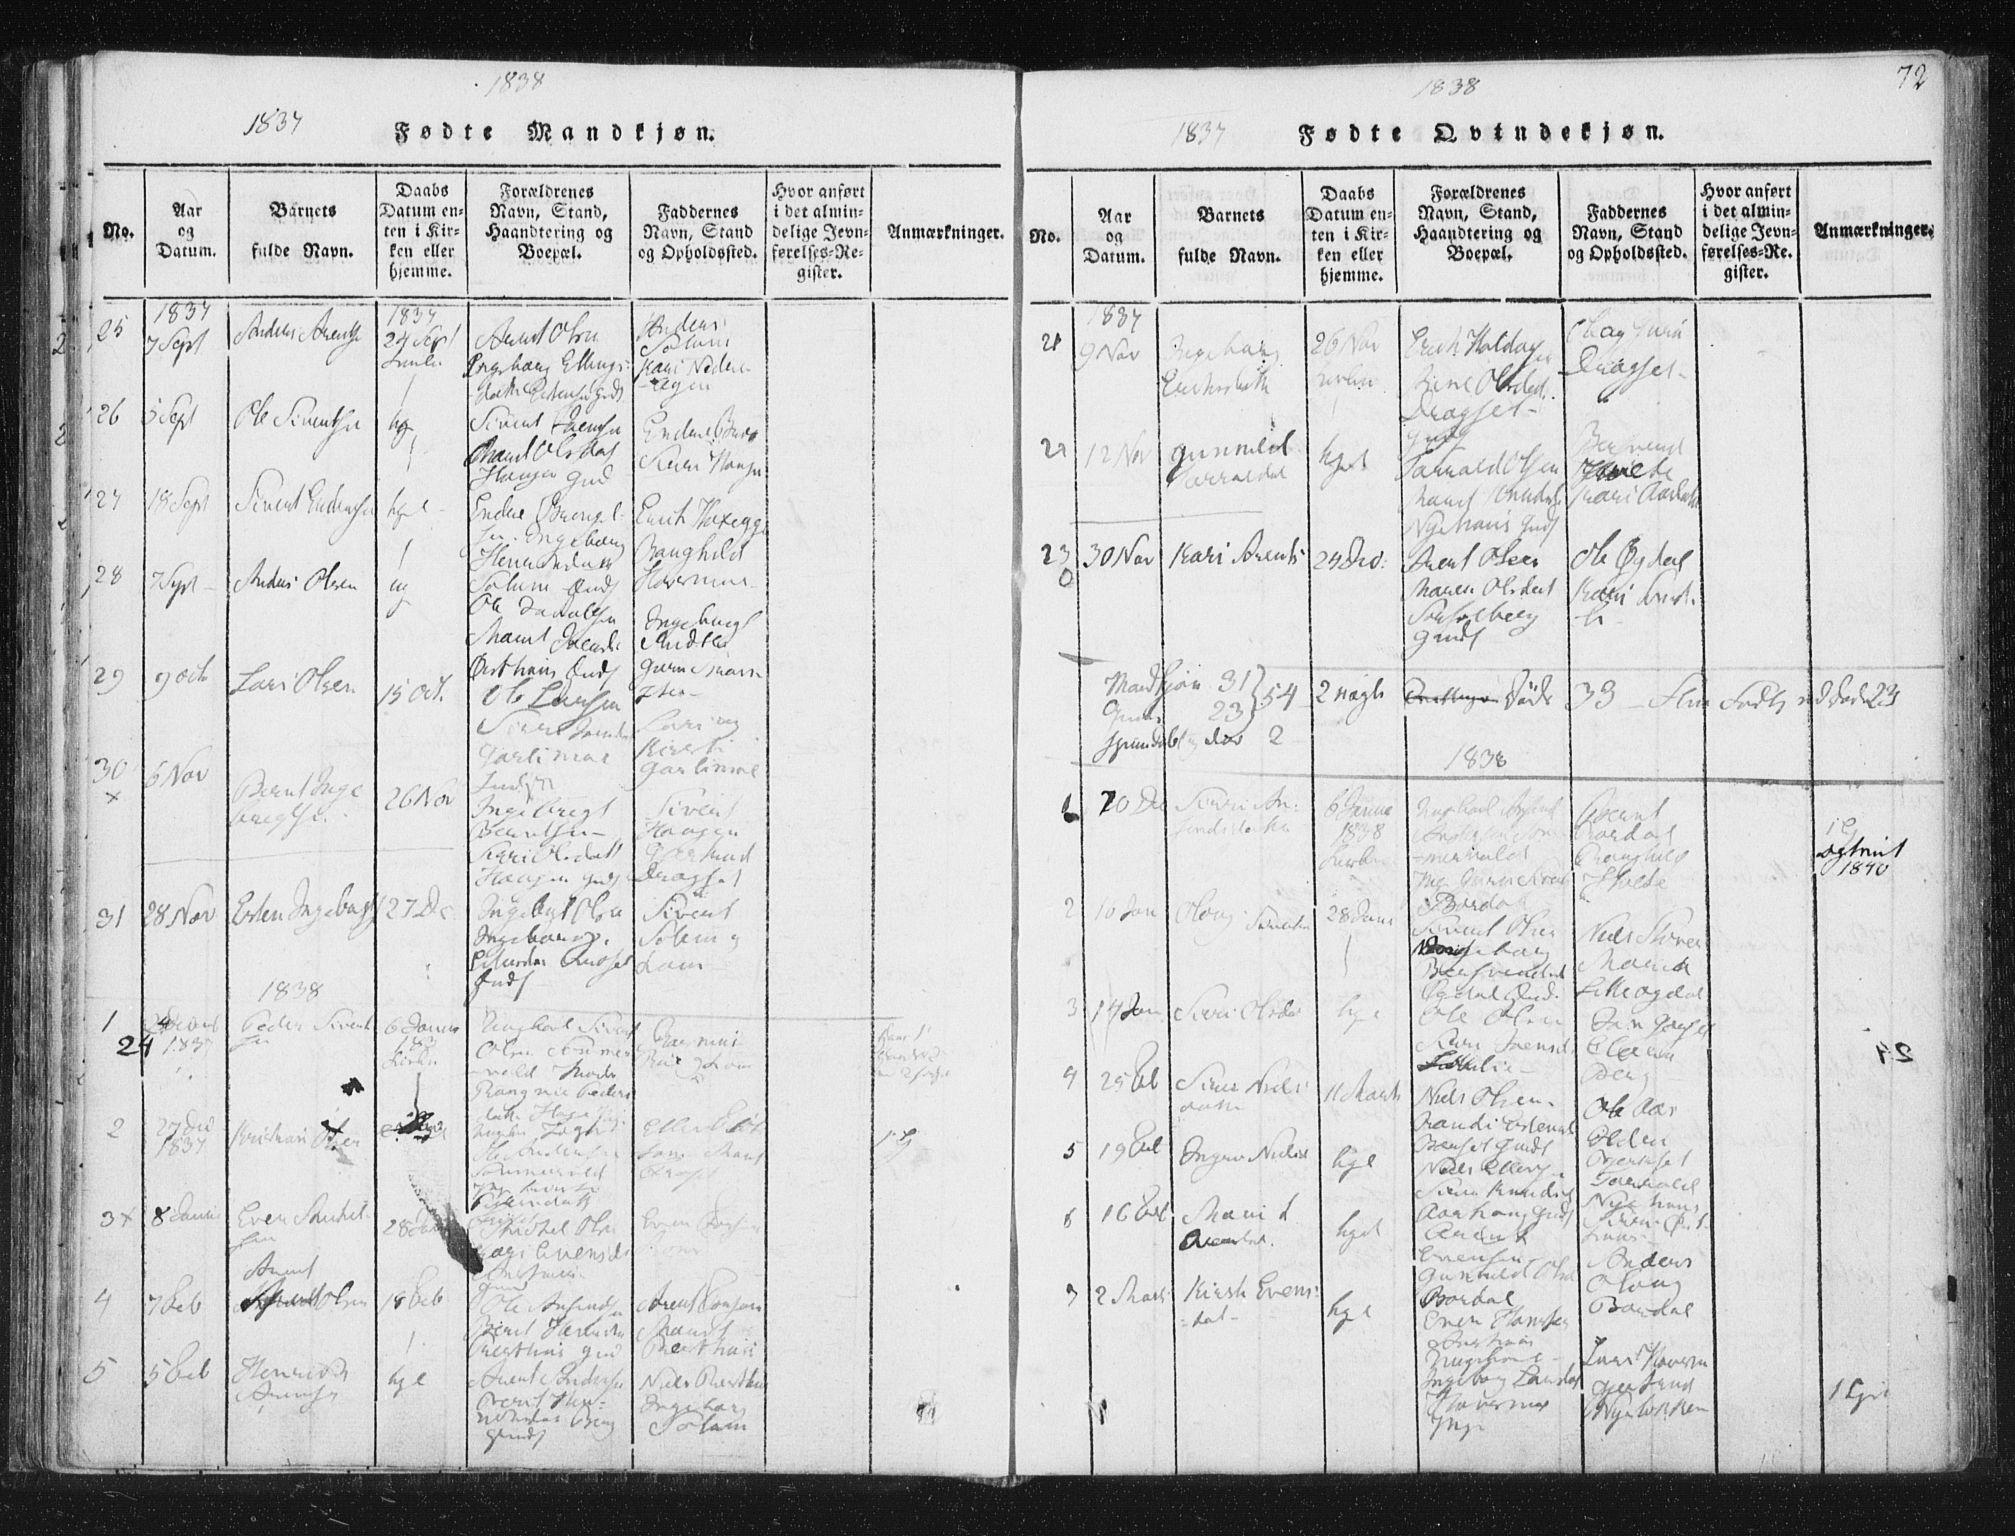 SAT, Ministerialprotokoller, klokkerbøker og fødselsregistre - Sør-Trøndelag, 689/L1037: Ministerialbok nr. 689A02, 1816-1842, s. 72